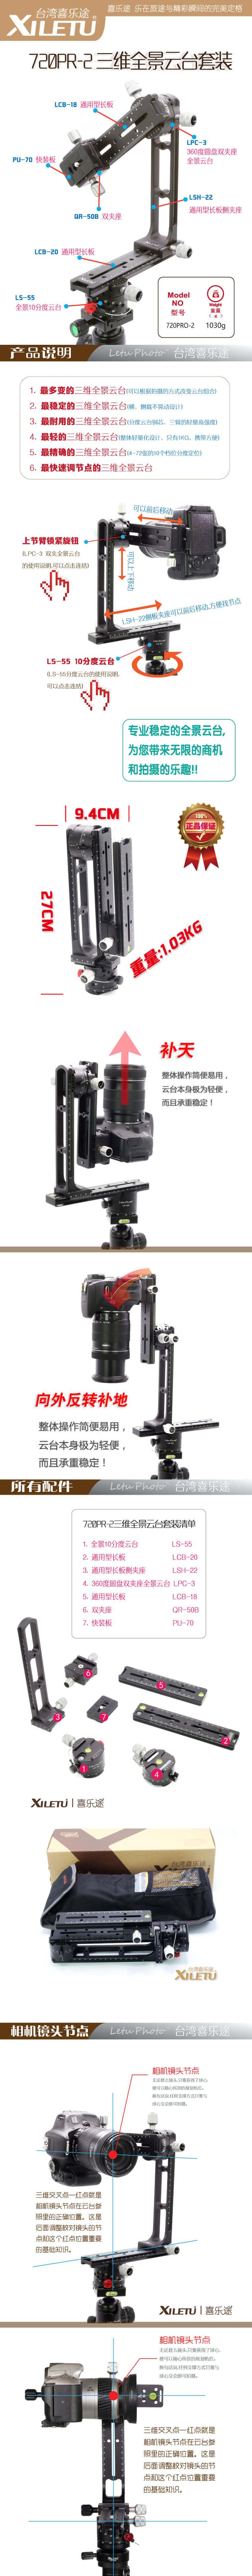 720PRO-2.jpg